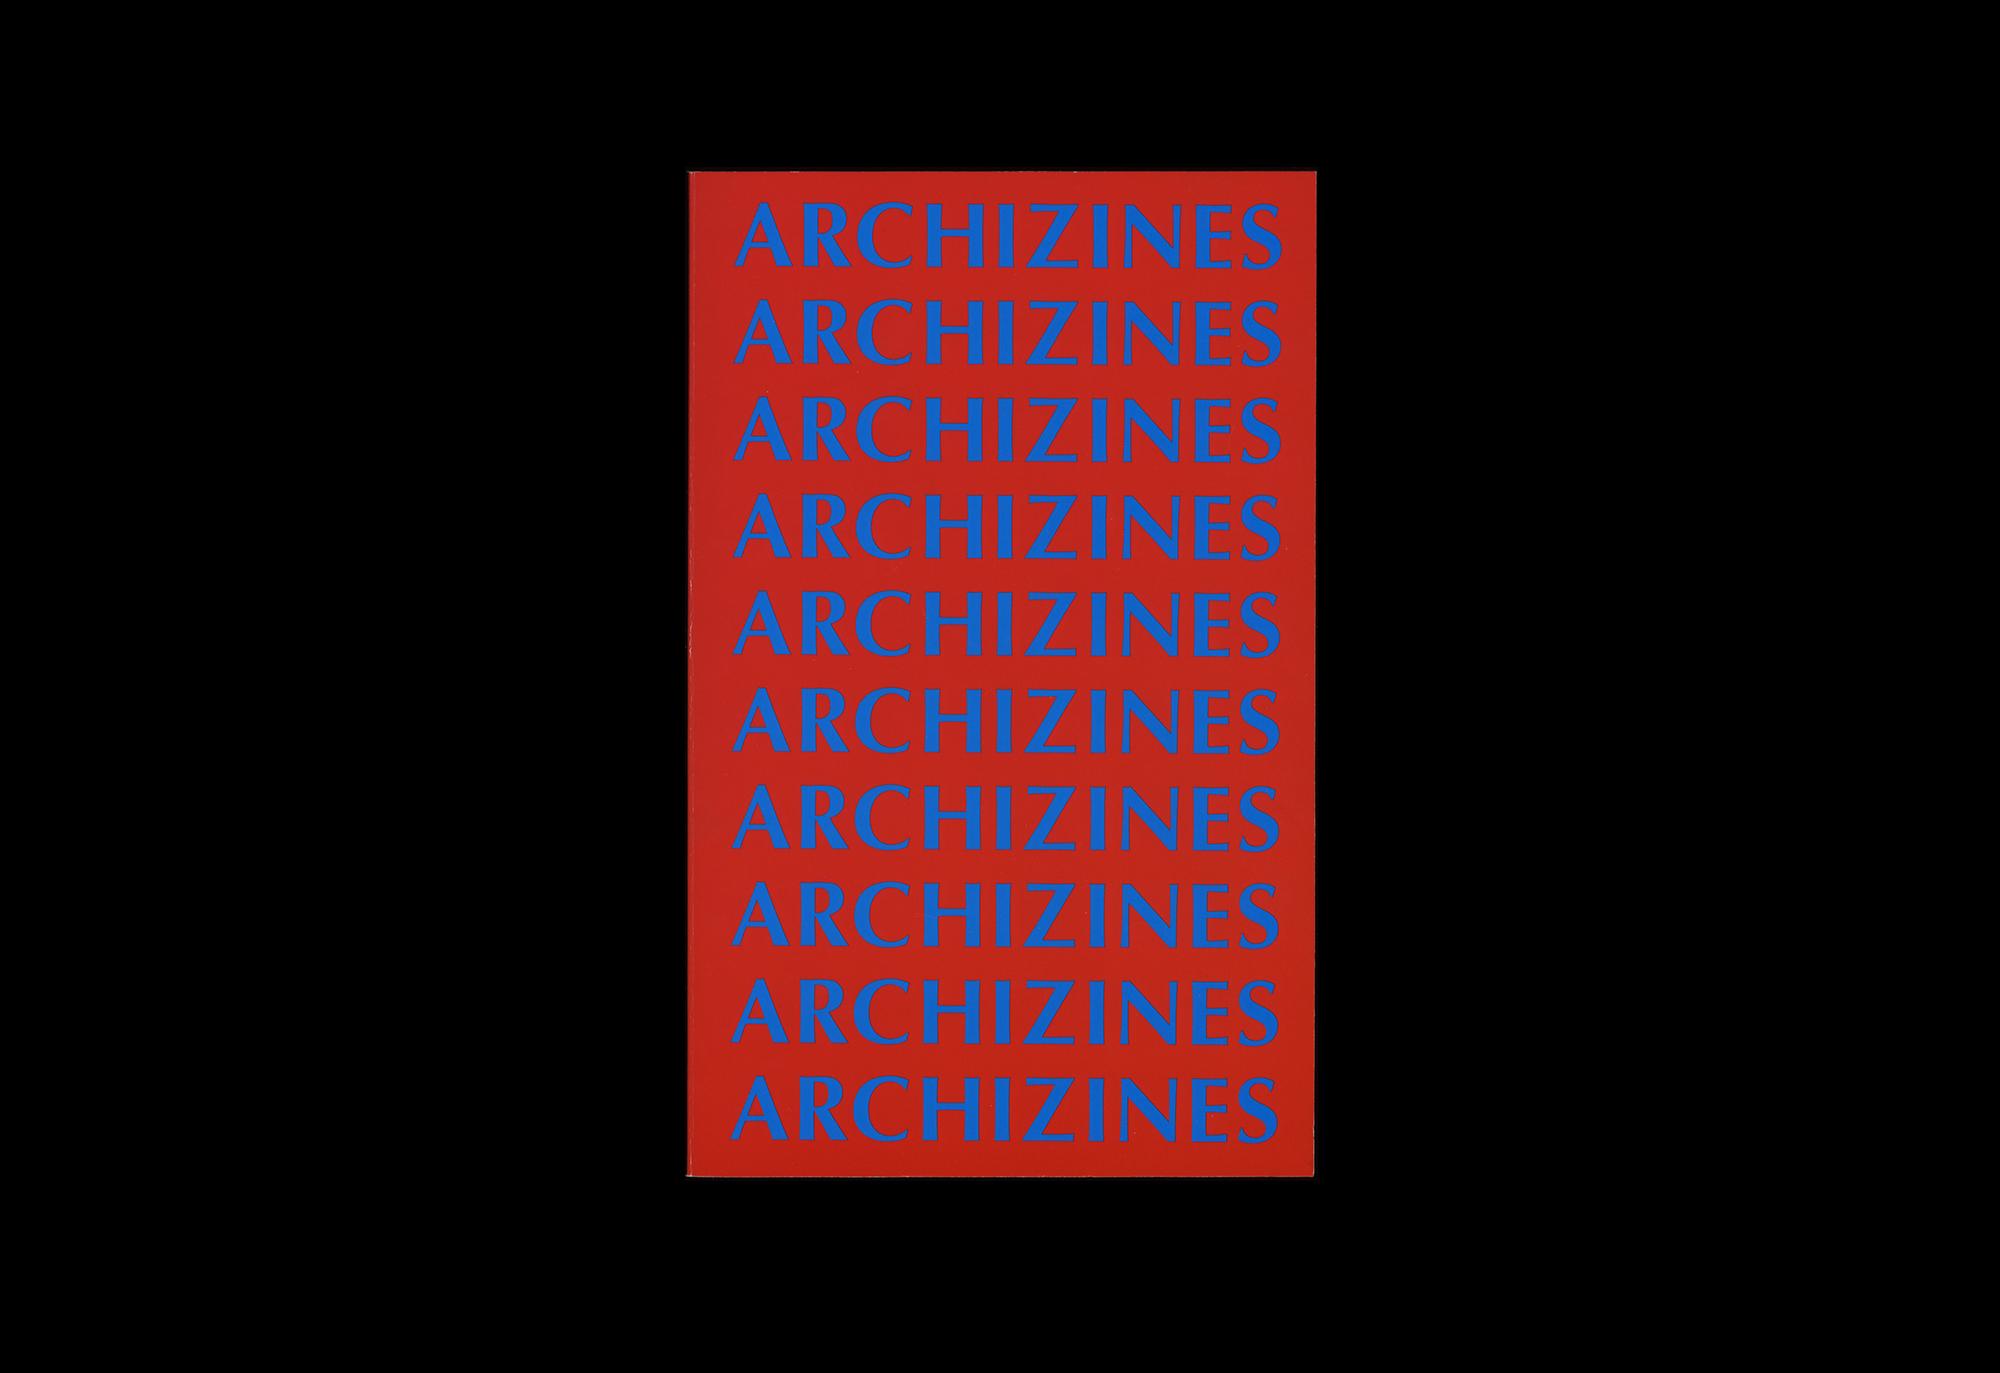 Cover image: ARCHIZINES (2011)